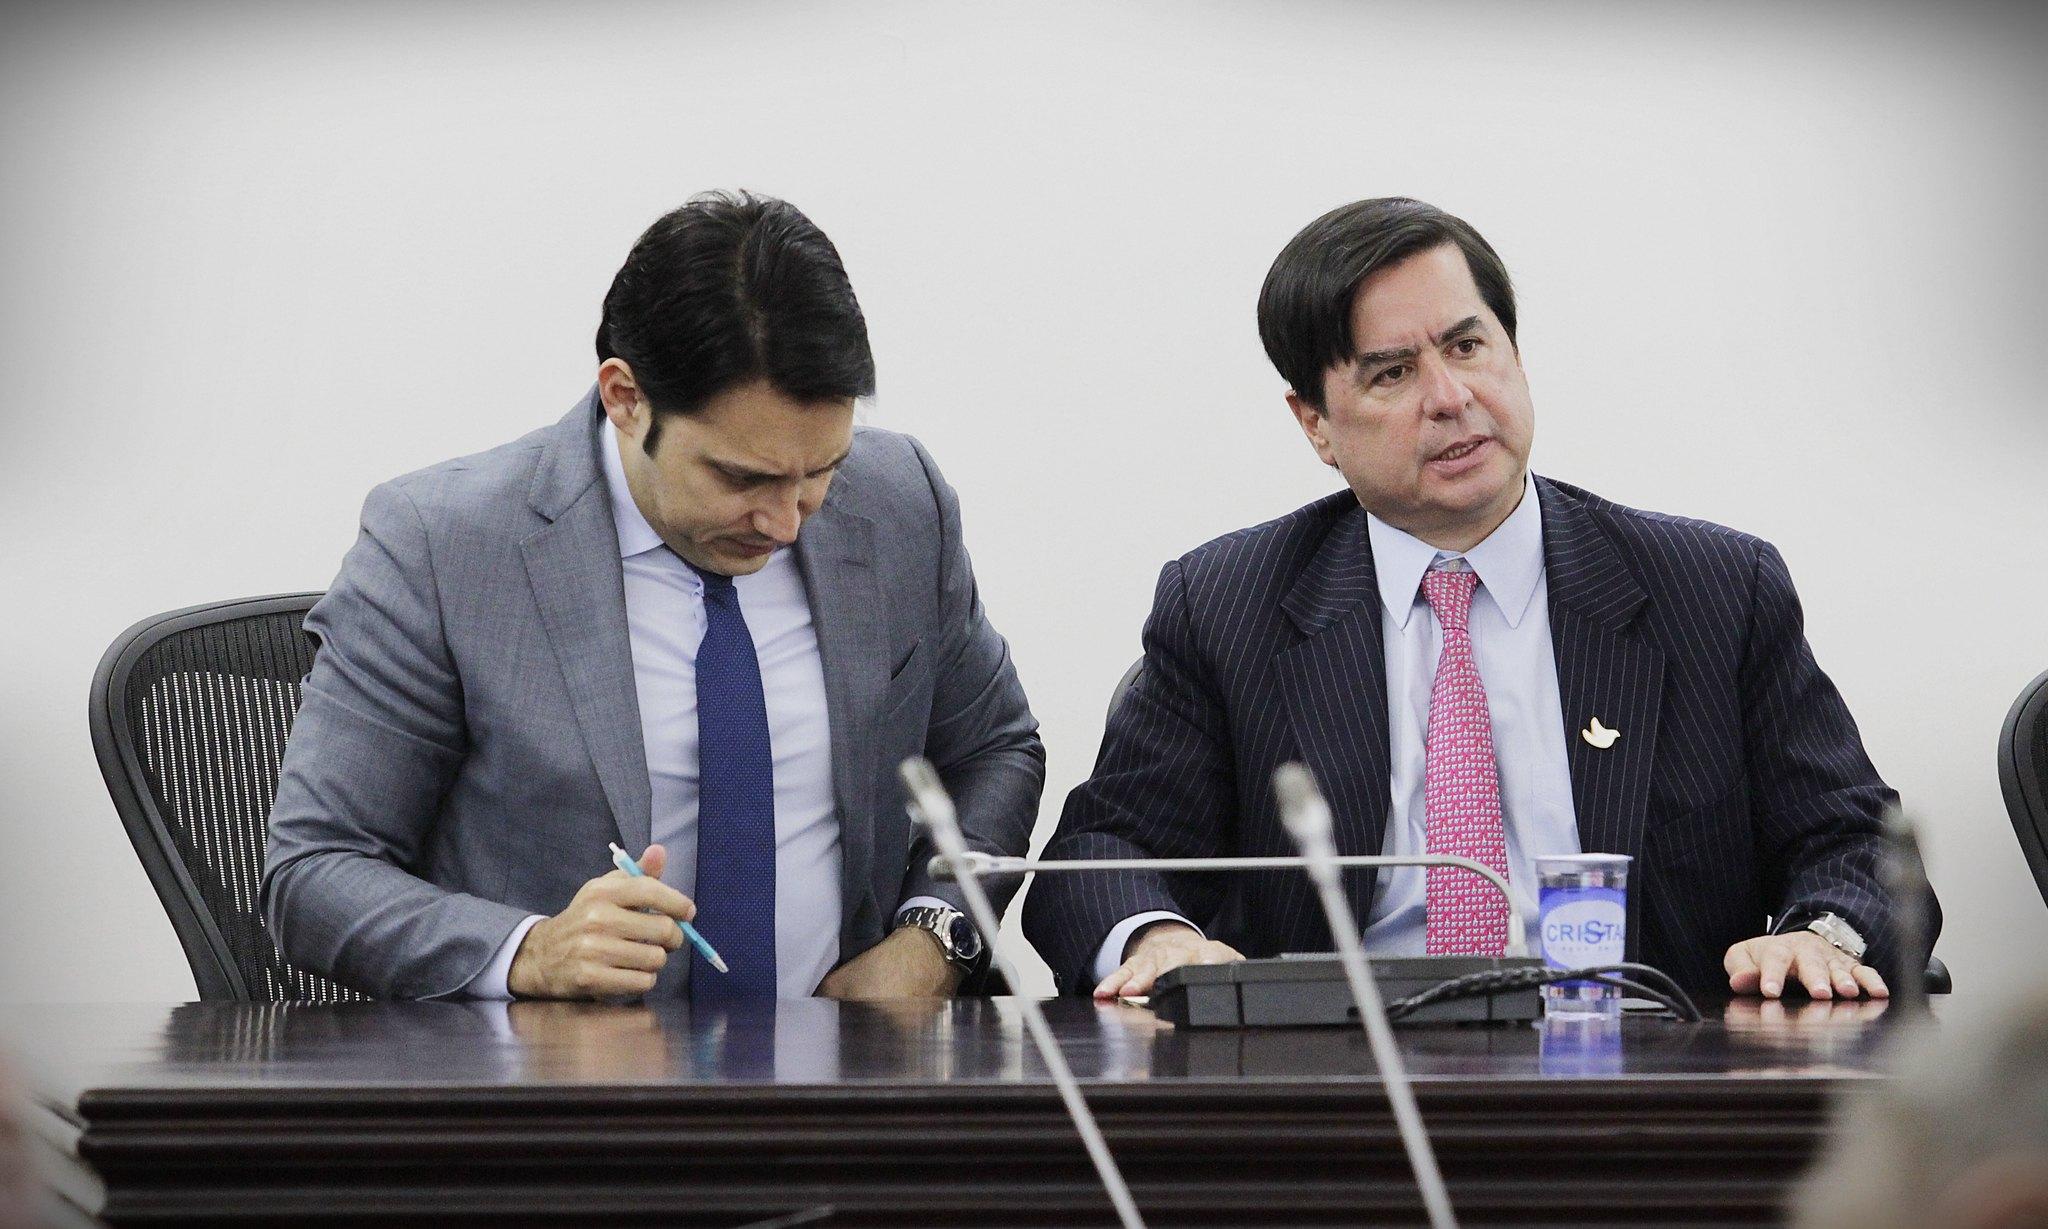 Ministerio del interior colombia flickr for Ministerio del interior colombia